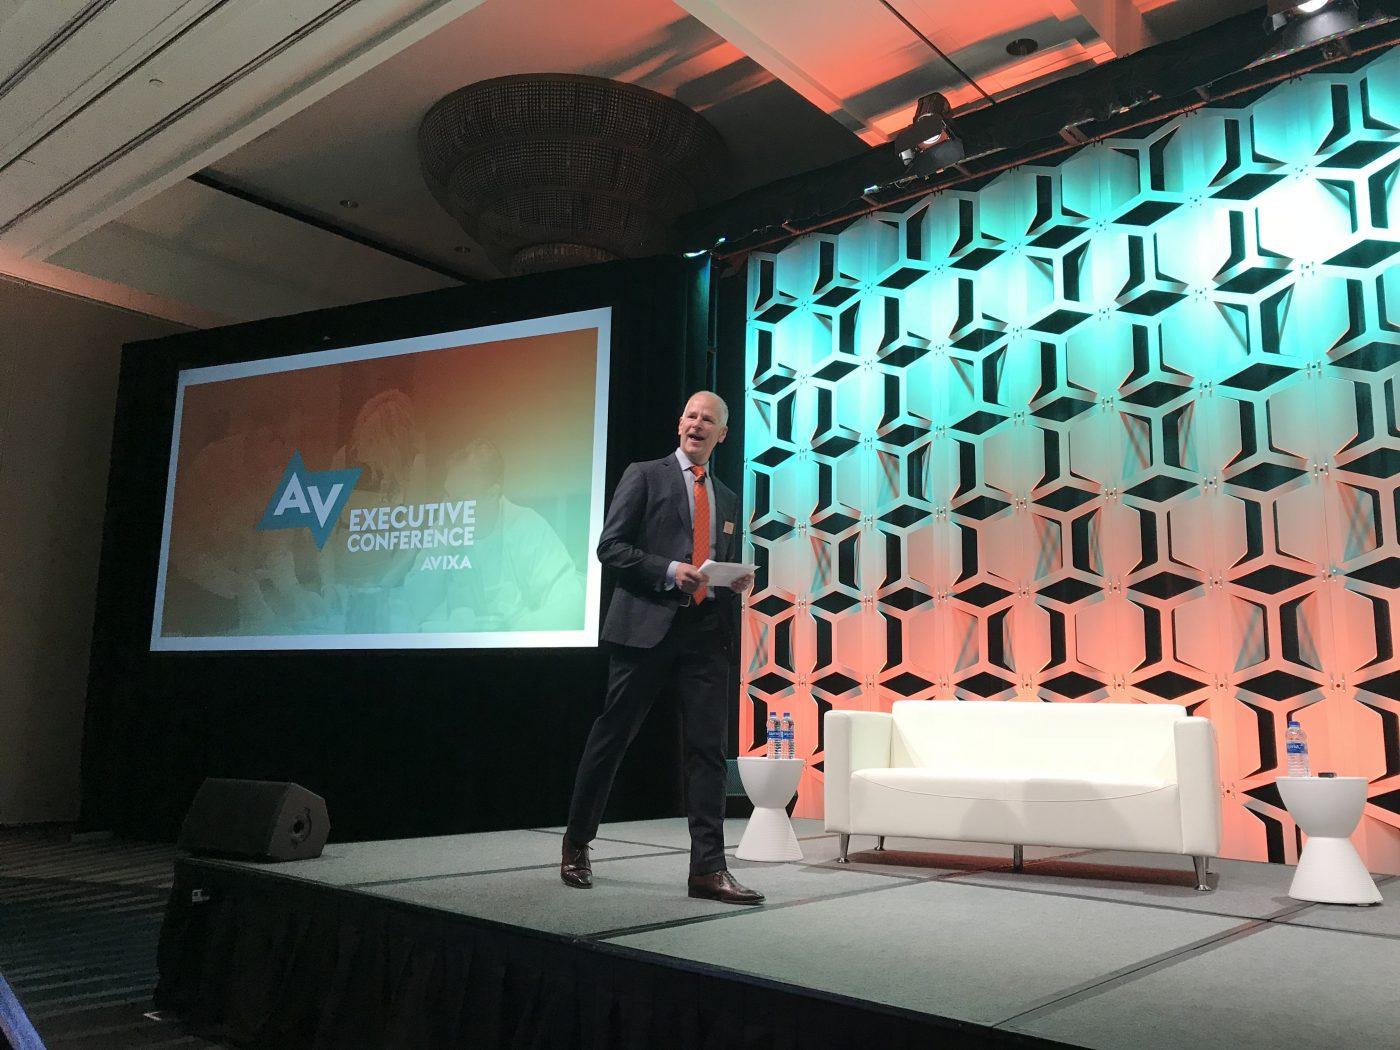 AV companies, AV industry events